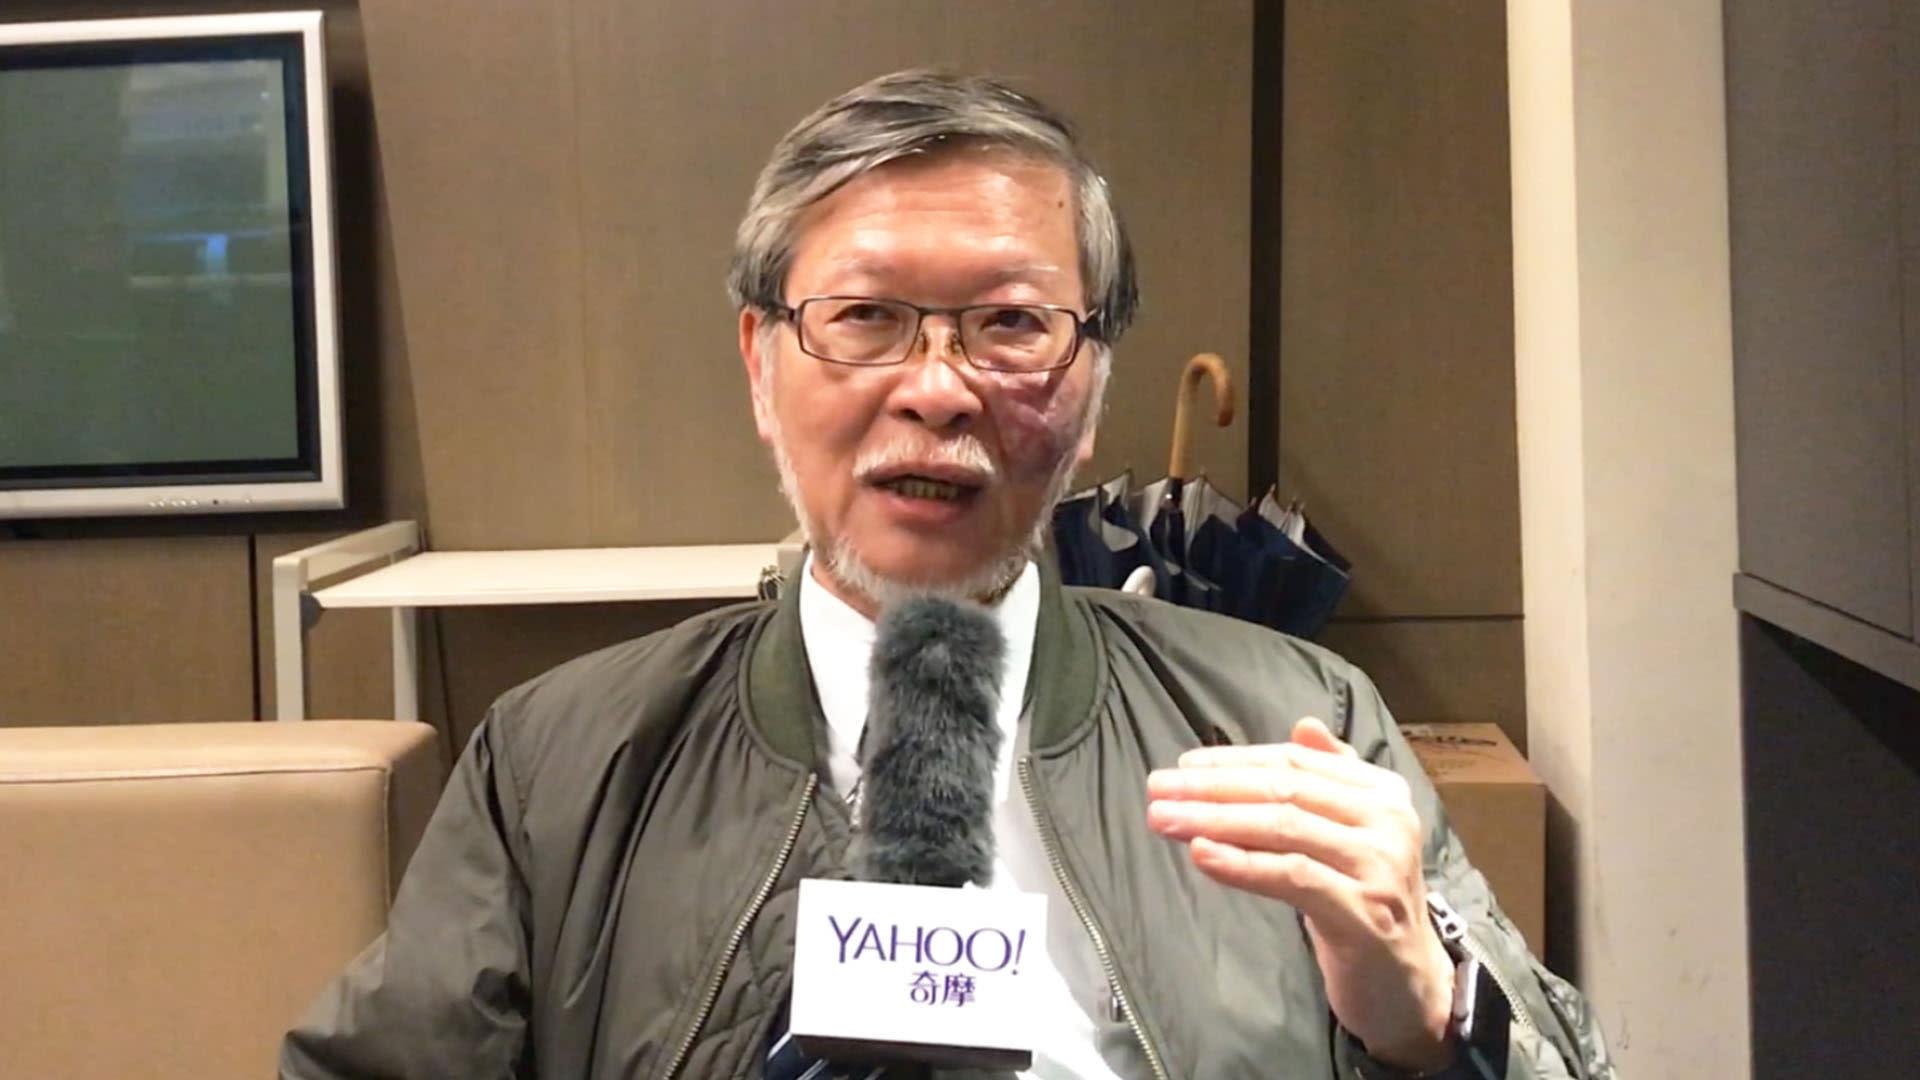 過勞》台灣勞動環境差?學者指出「企業累犯應刑罰」